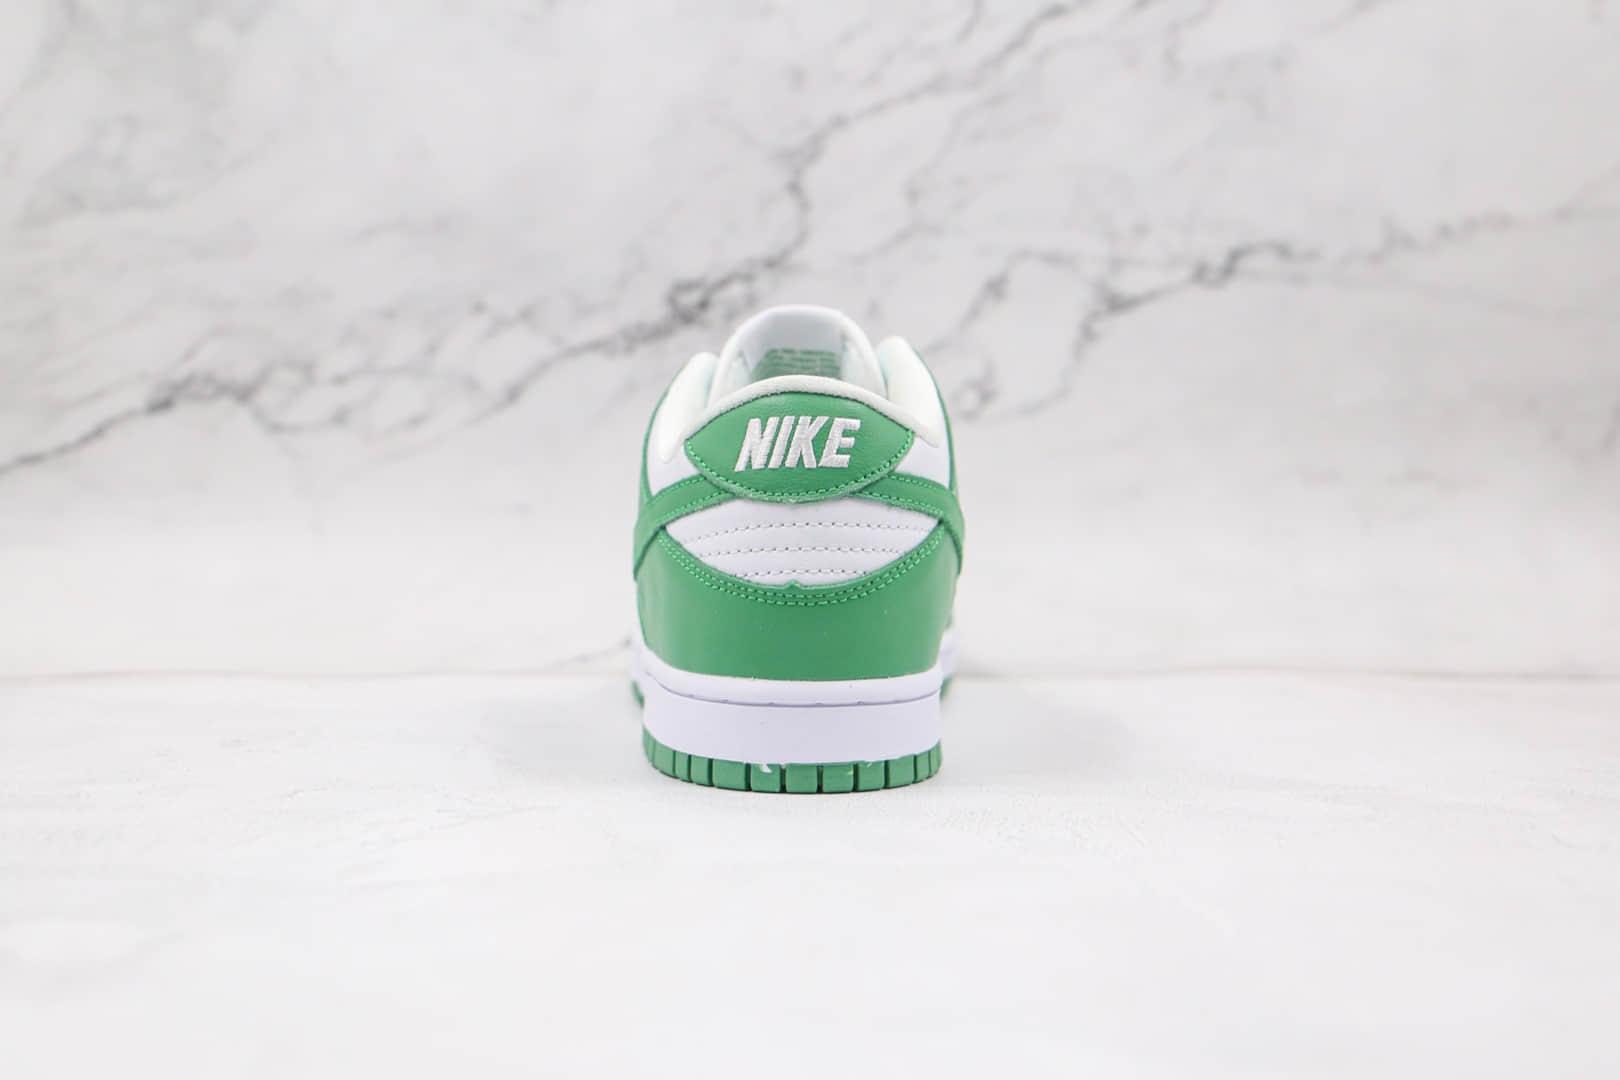 耐克Nike SB Dunk Low Green Tender powder 2021纯原版本低帮SB DUNK白绿色嫩巴黎环保主题板鞋内置气垫 货号:CU1726-188